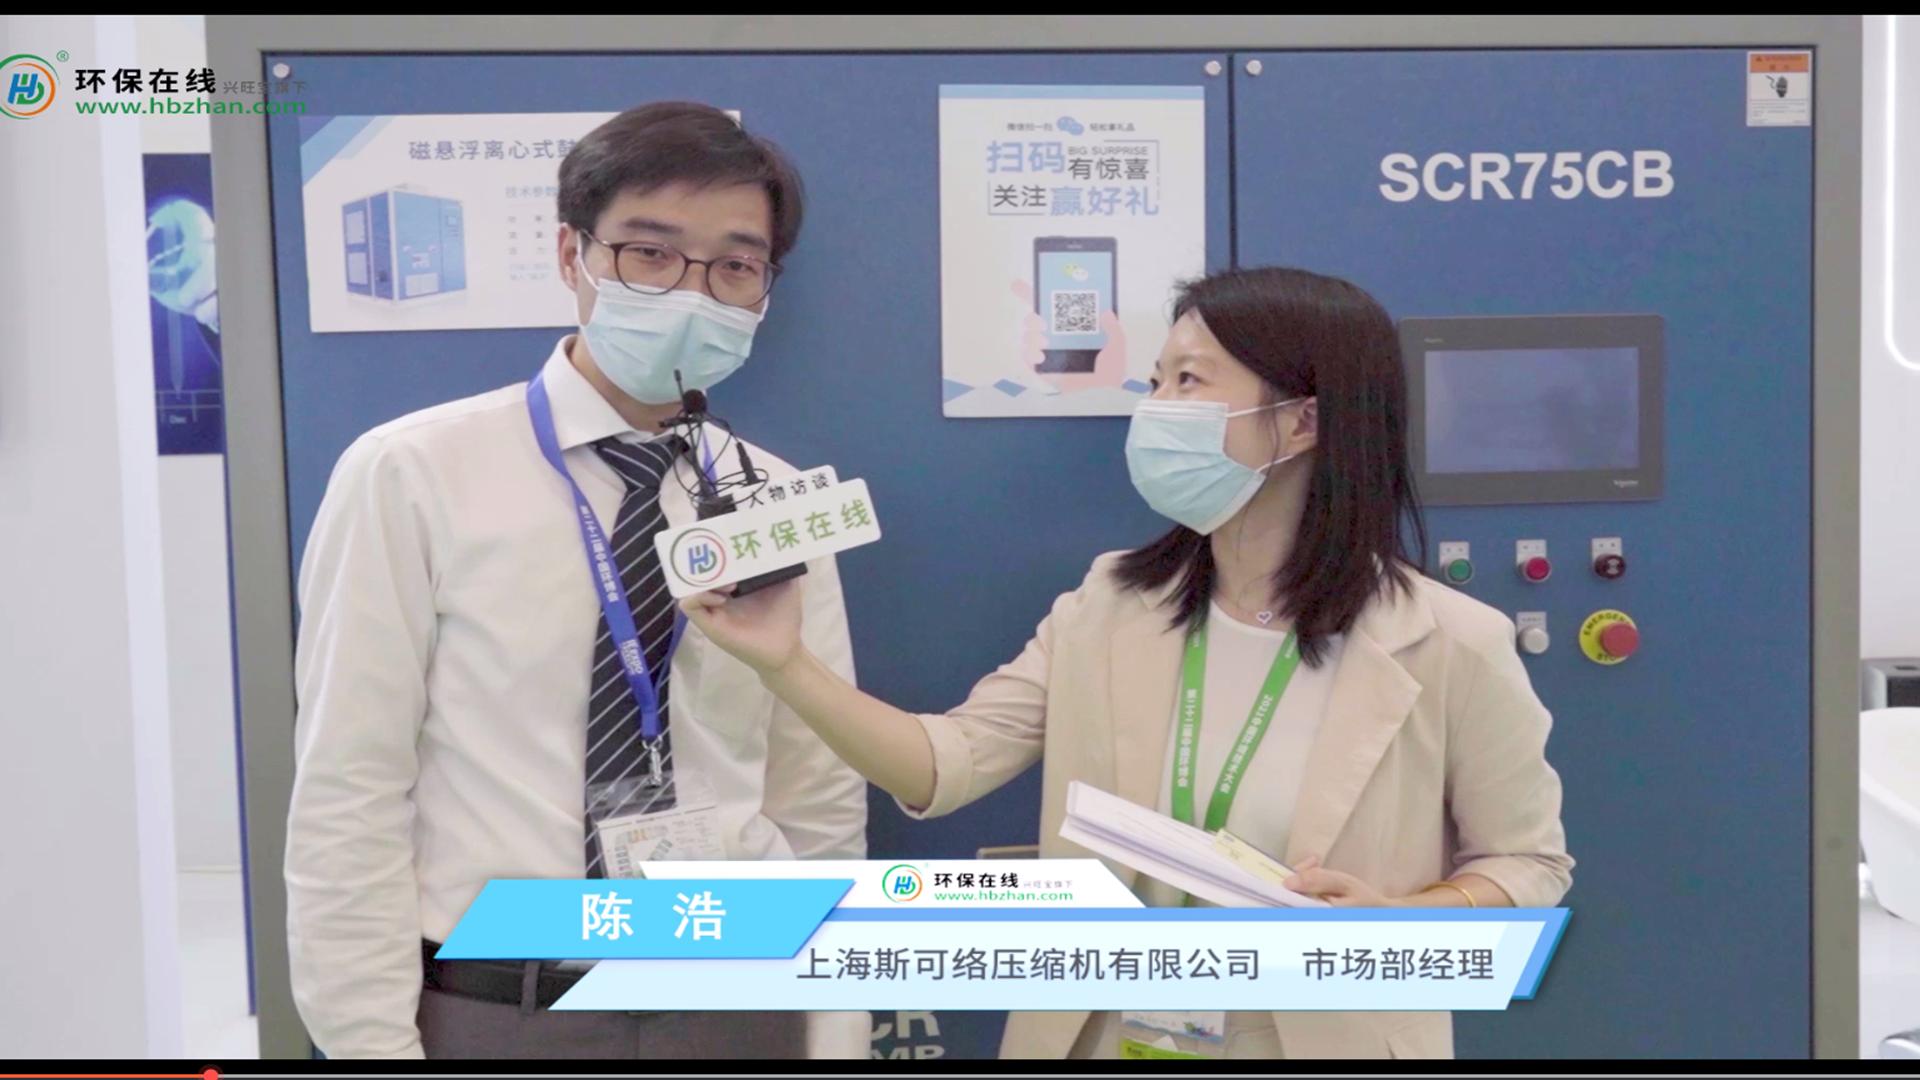 上海斯可絡:專注壓縮空氣系統解決方案的前沿創新 助跑節能環保產業